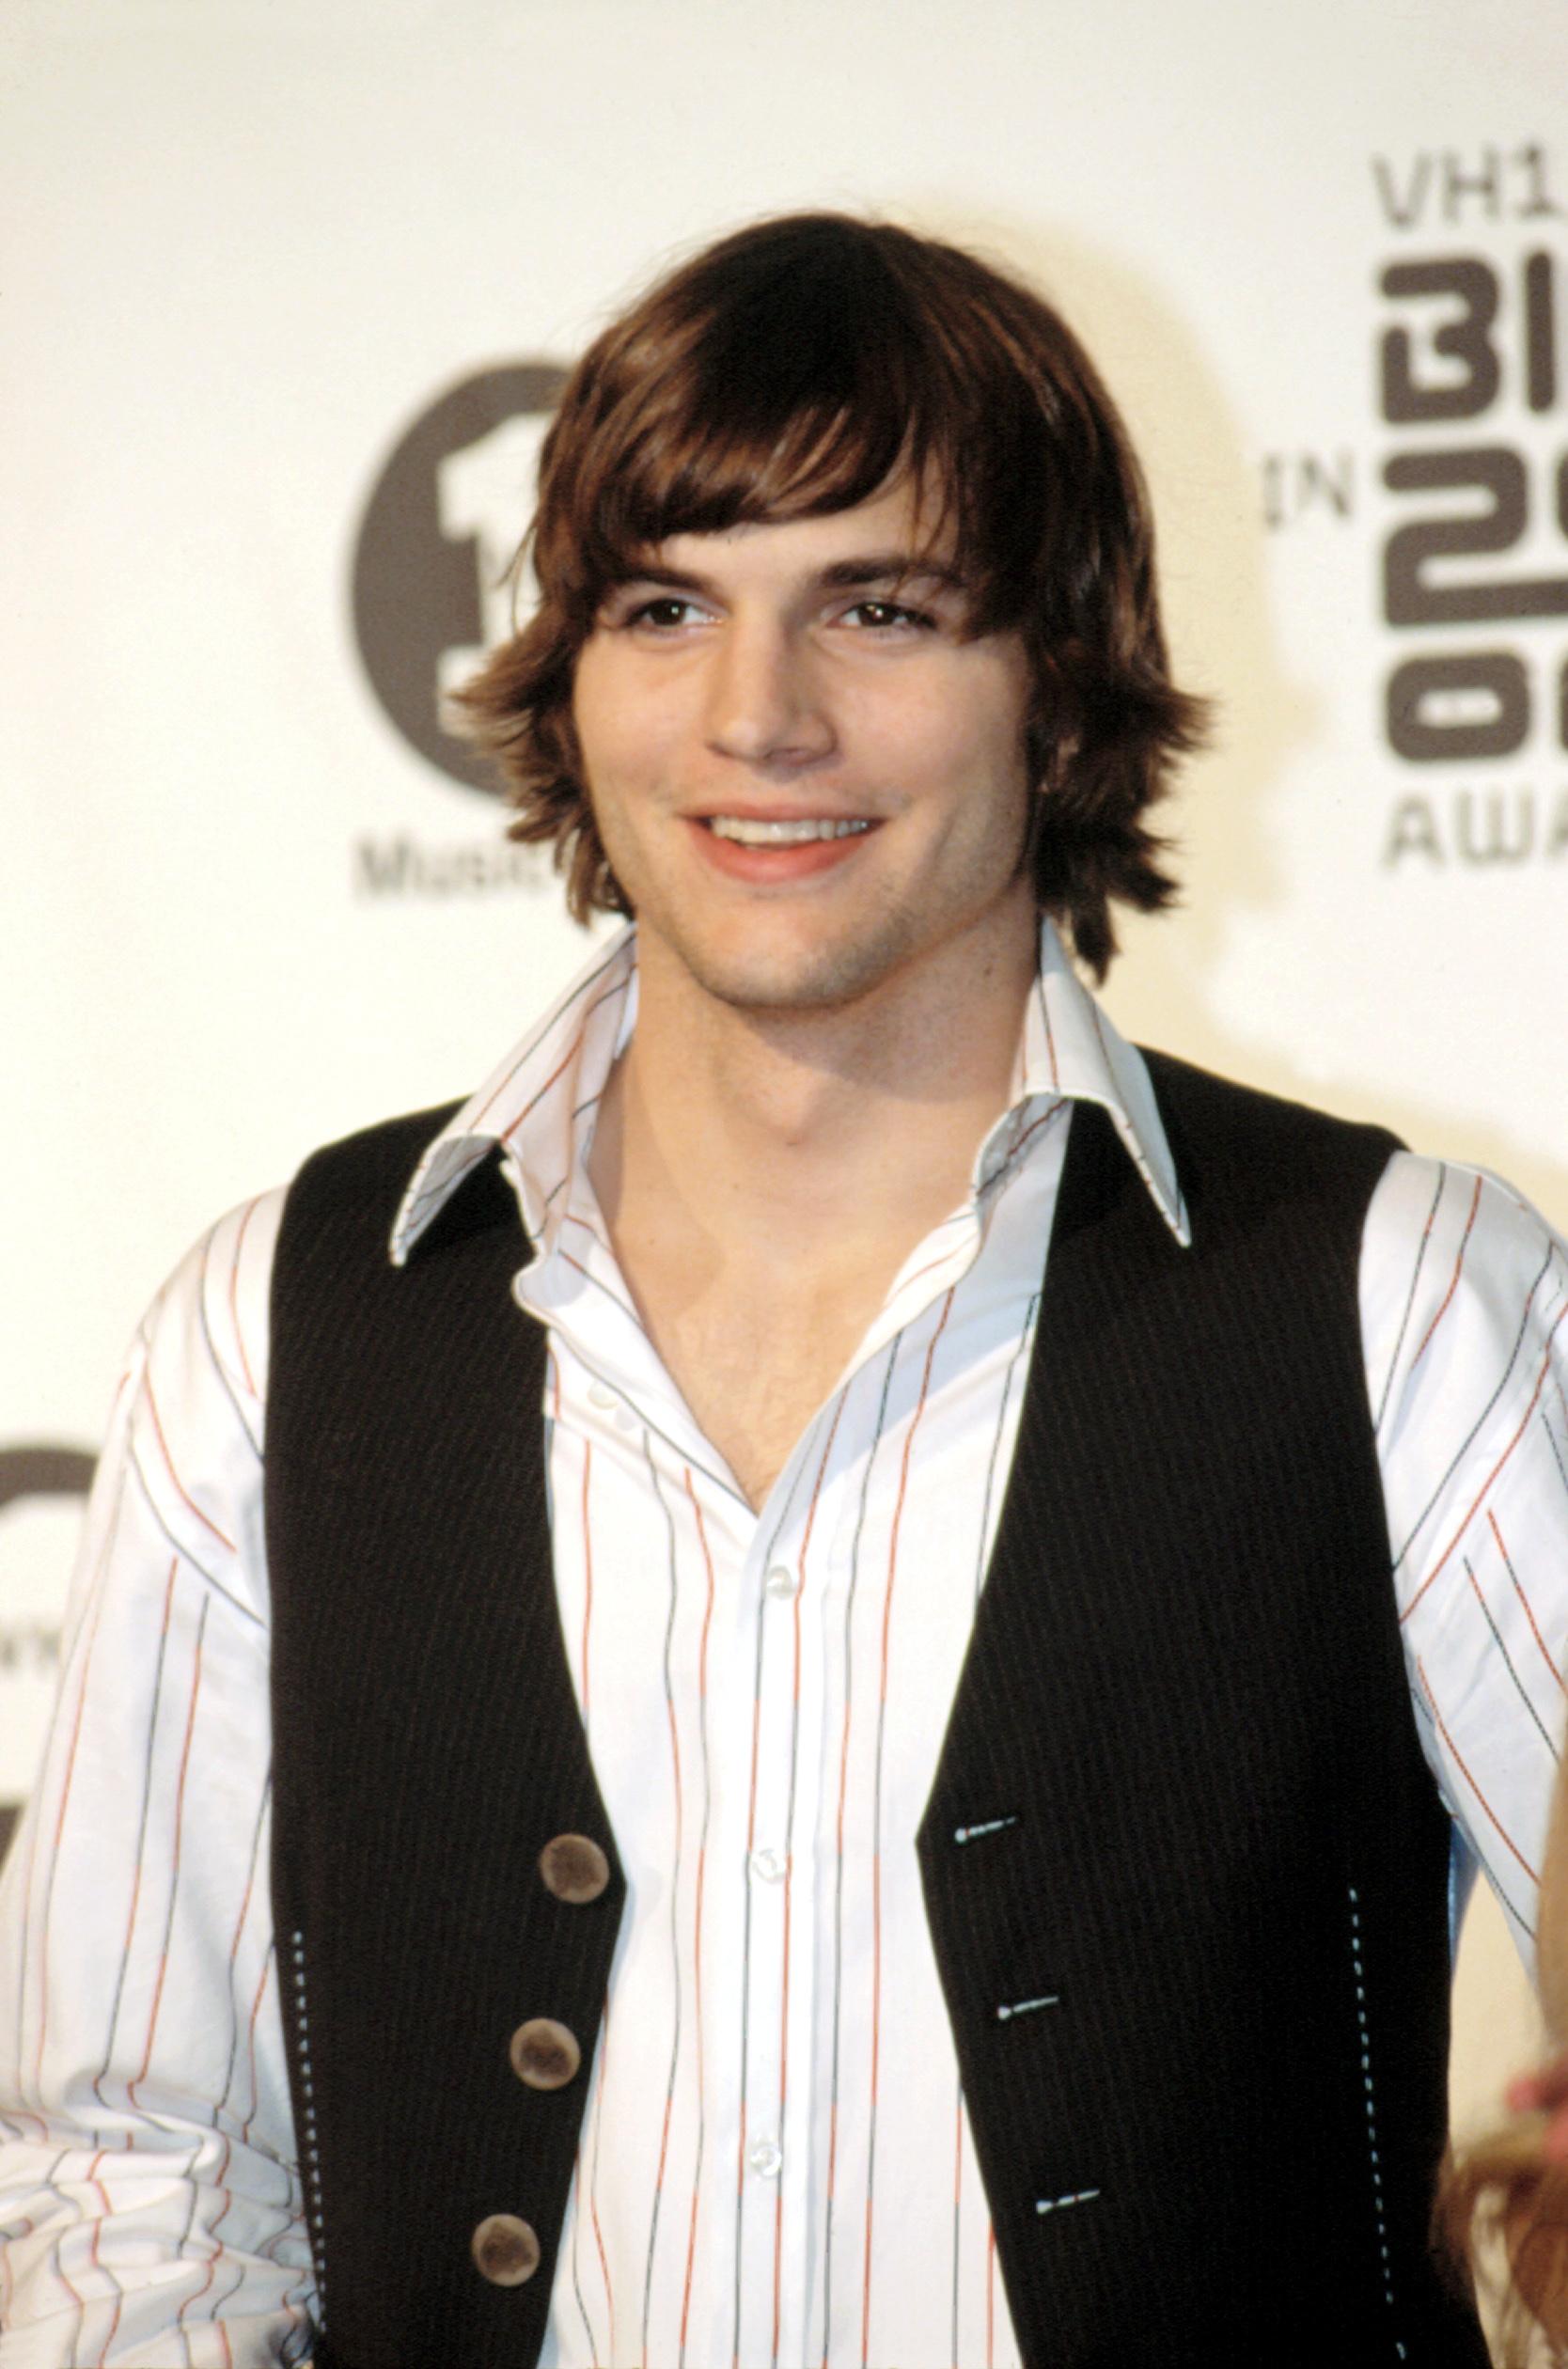 Ashton Kutcher - Spy